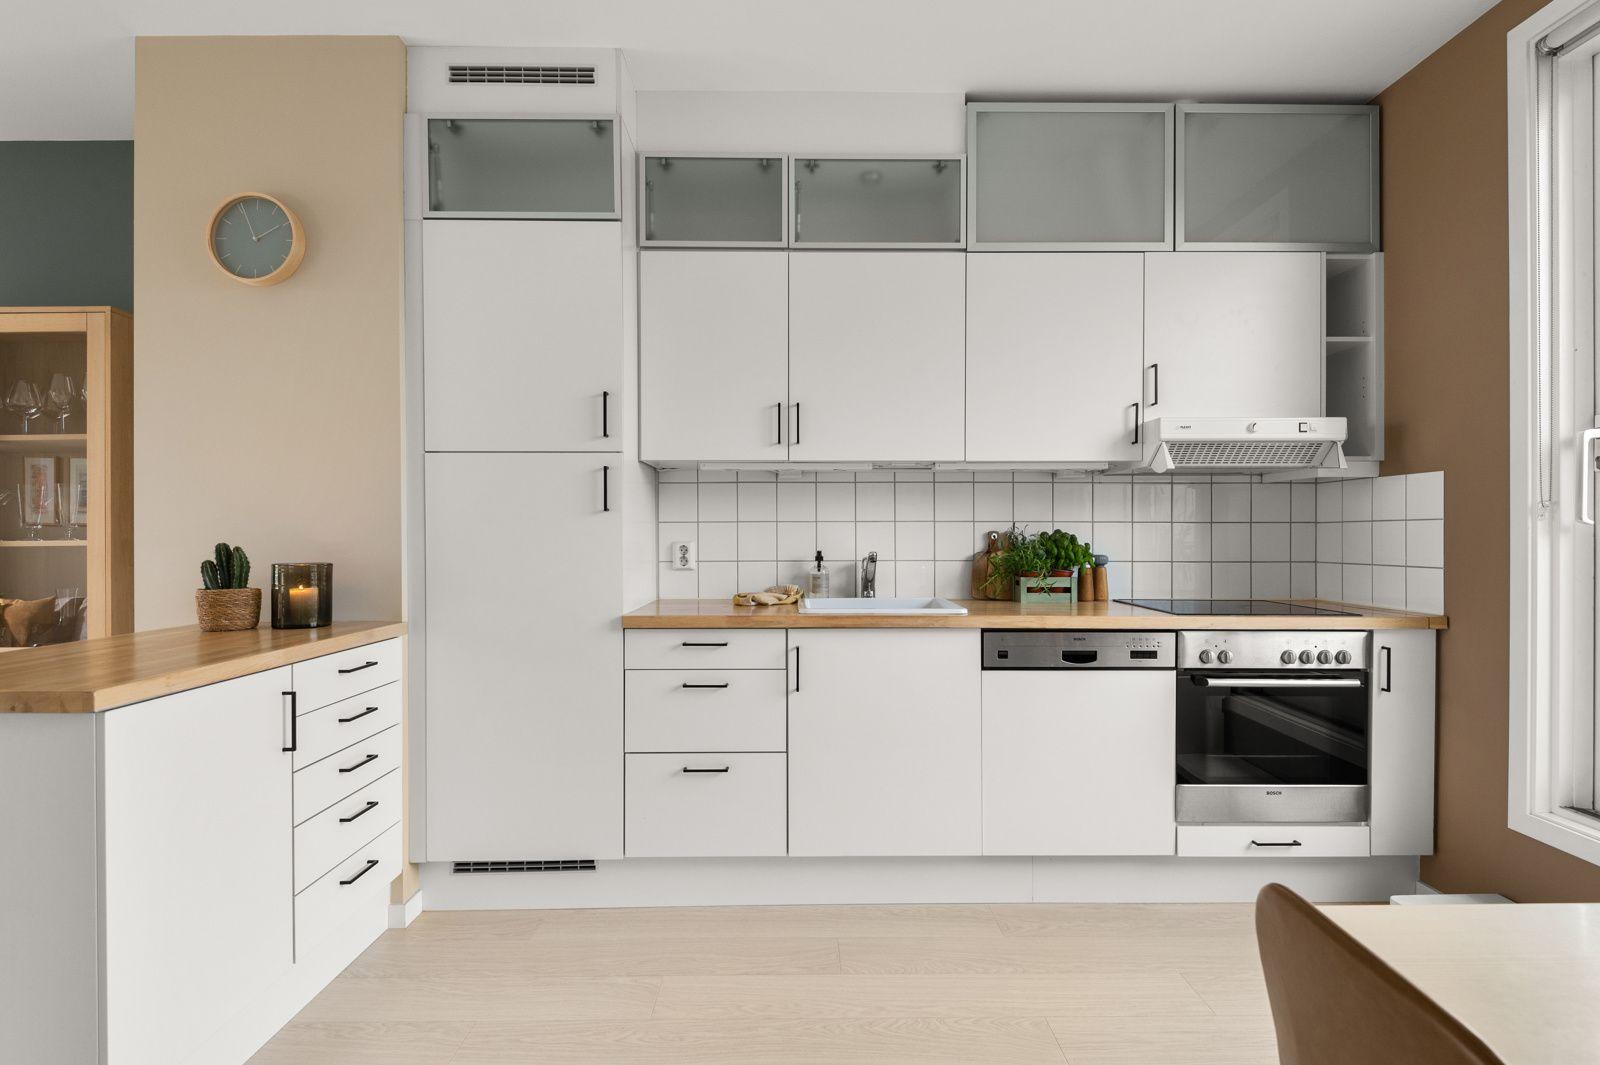 Bergensgata 36 G Pent og tidløst kjøkken fra Norema i delvis åpen løsning med stuen.